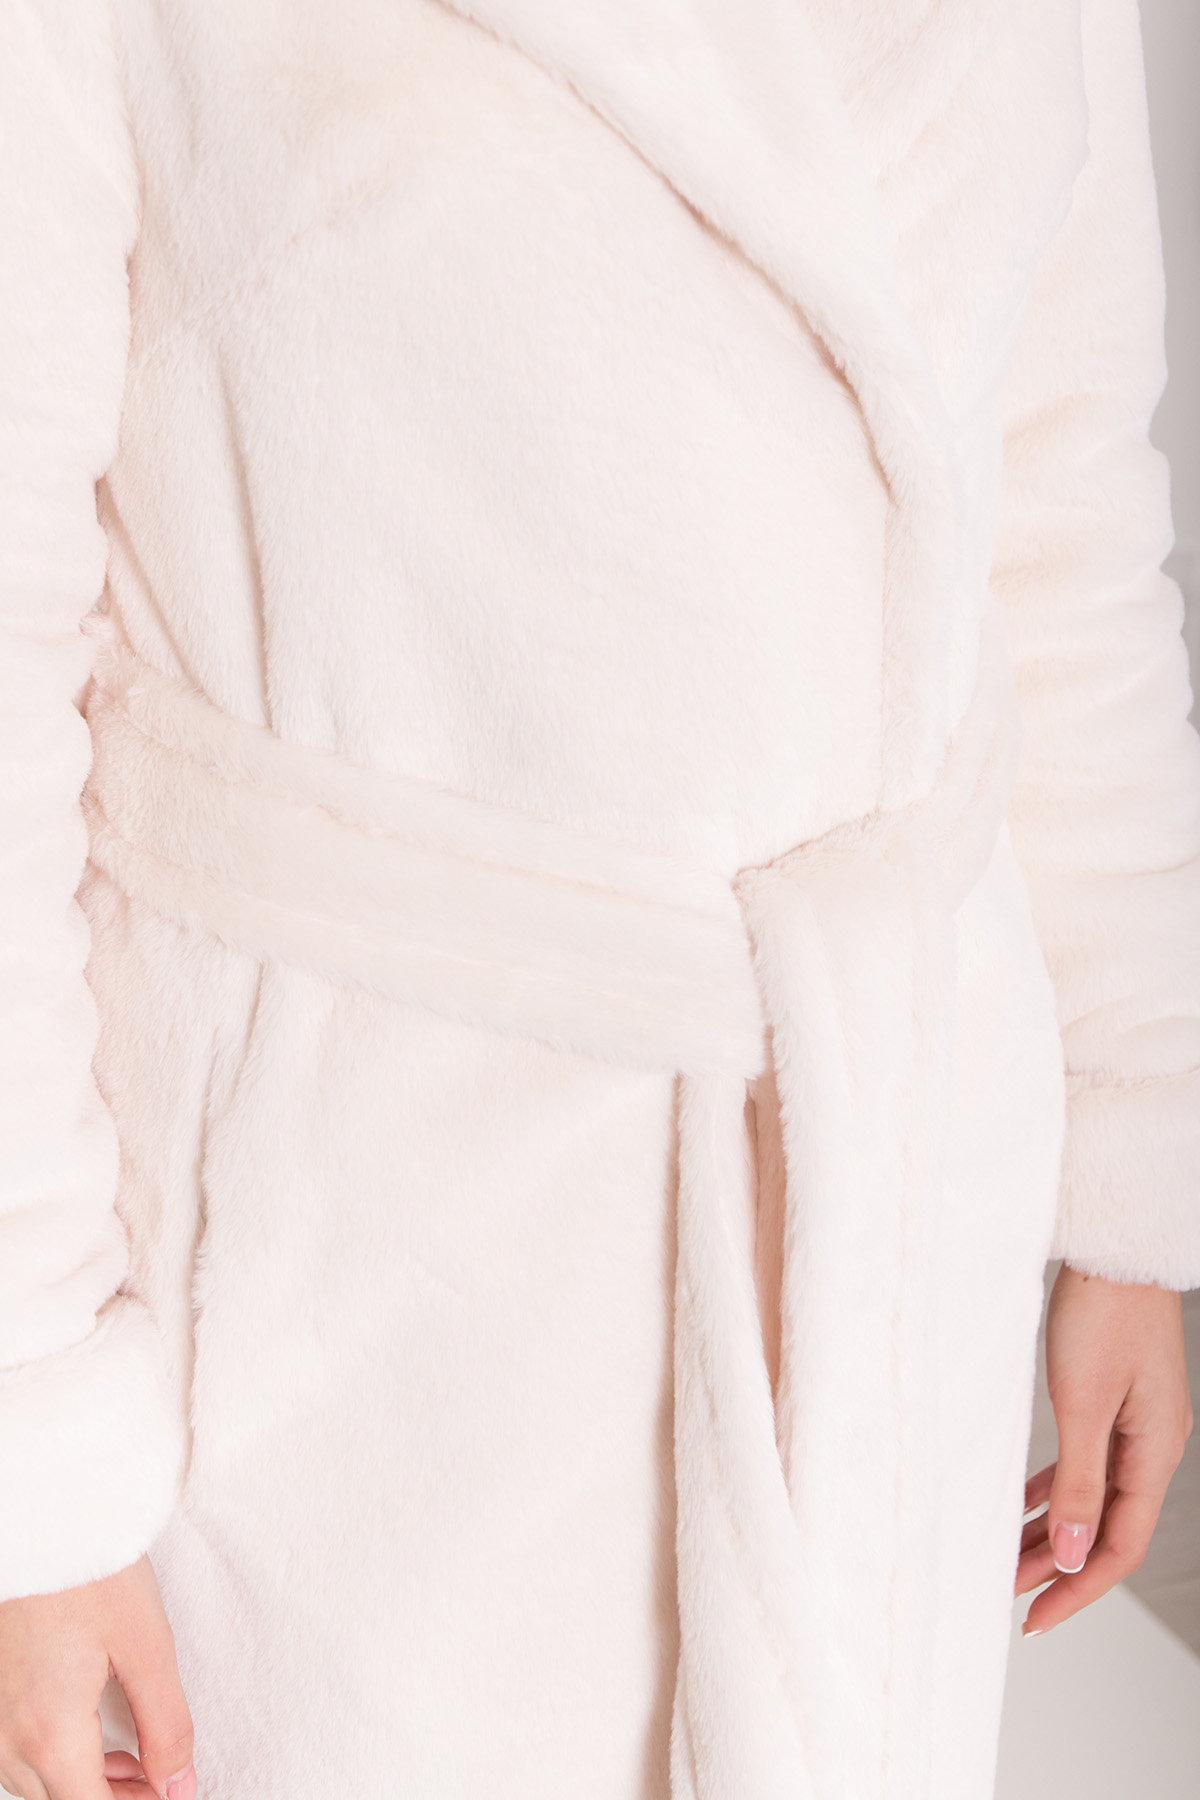 Зимнее пальто из искусственного меха норки Саманта 8641 АРТ. 44957 Цвет: Молоко - фото 16, интернет магазин tm-modus.ru